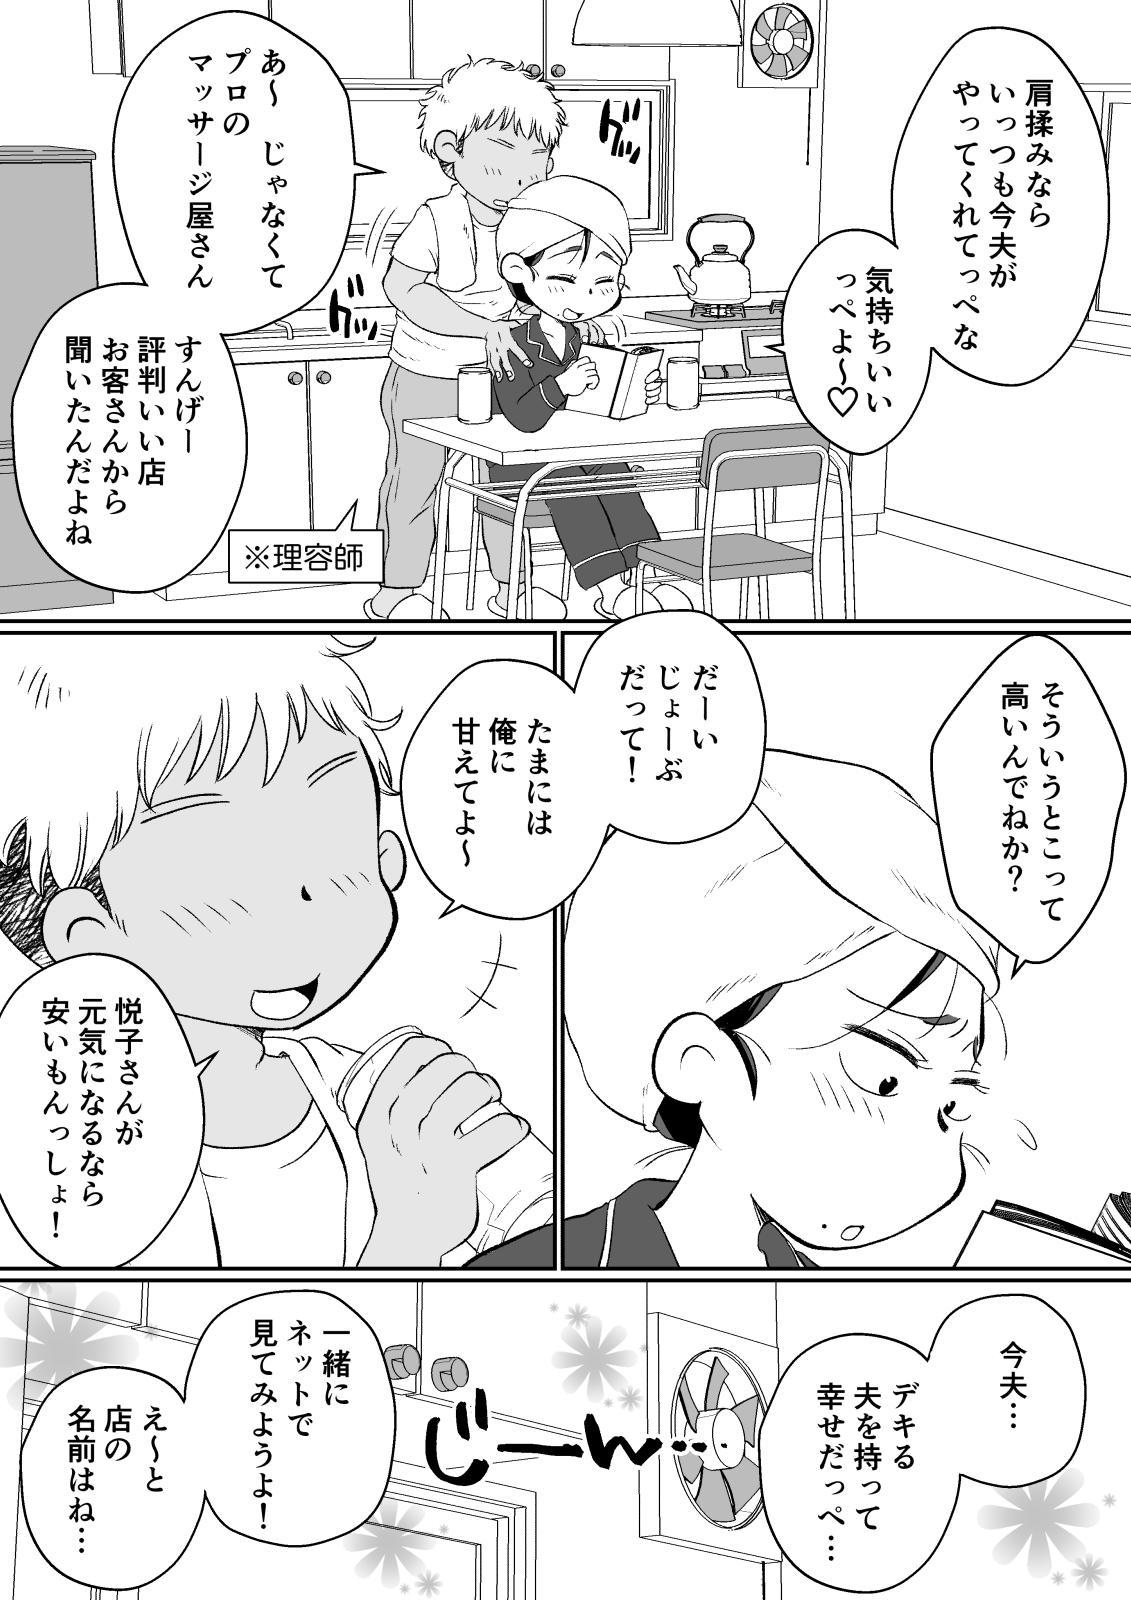 Batsuichi Hitozuma, Moto Danna no Ero Massage ni Ochiru! 7